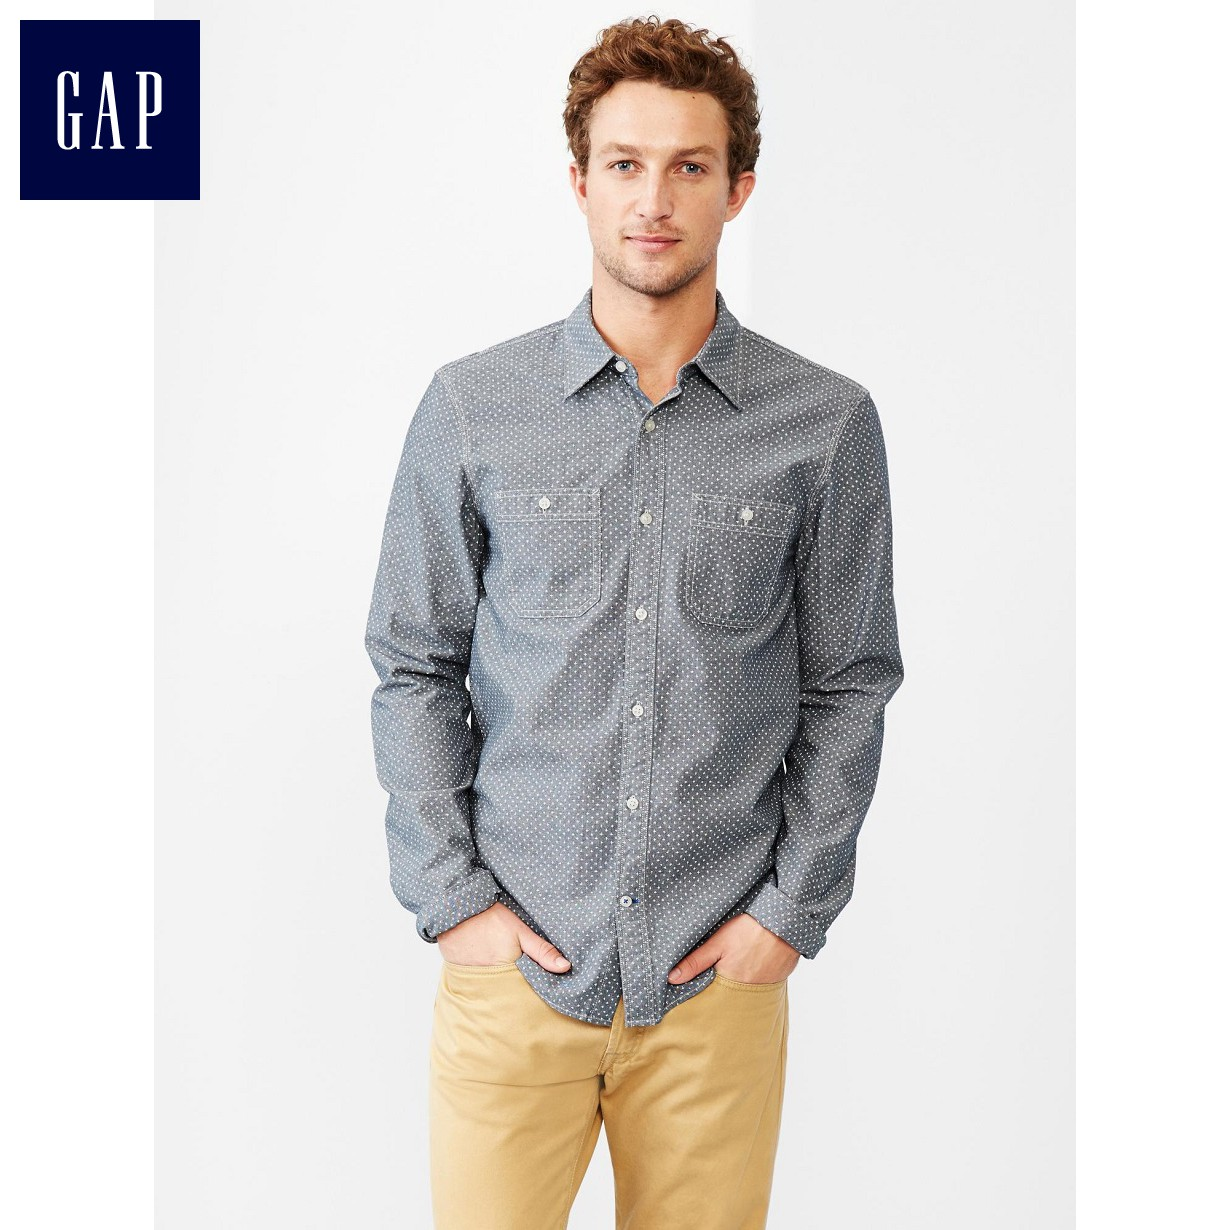 Рубашка мужская GAP 000141524 141524 349 рубашка мужская gap 142643 349